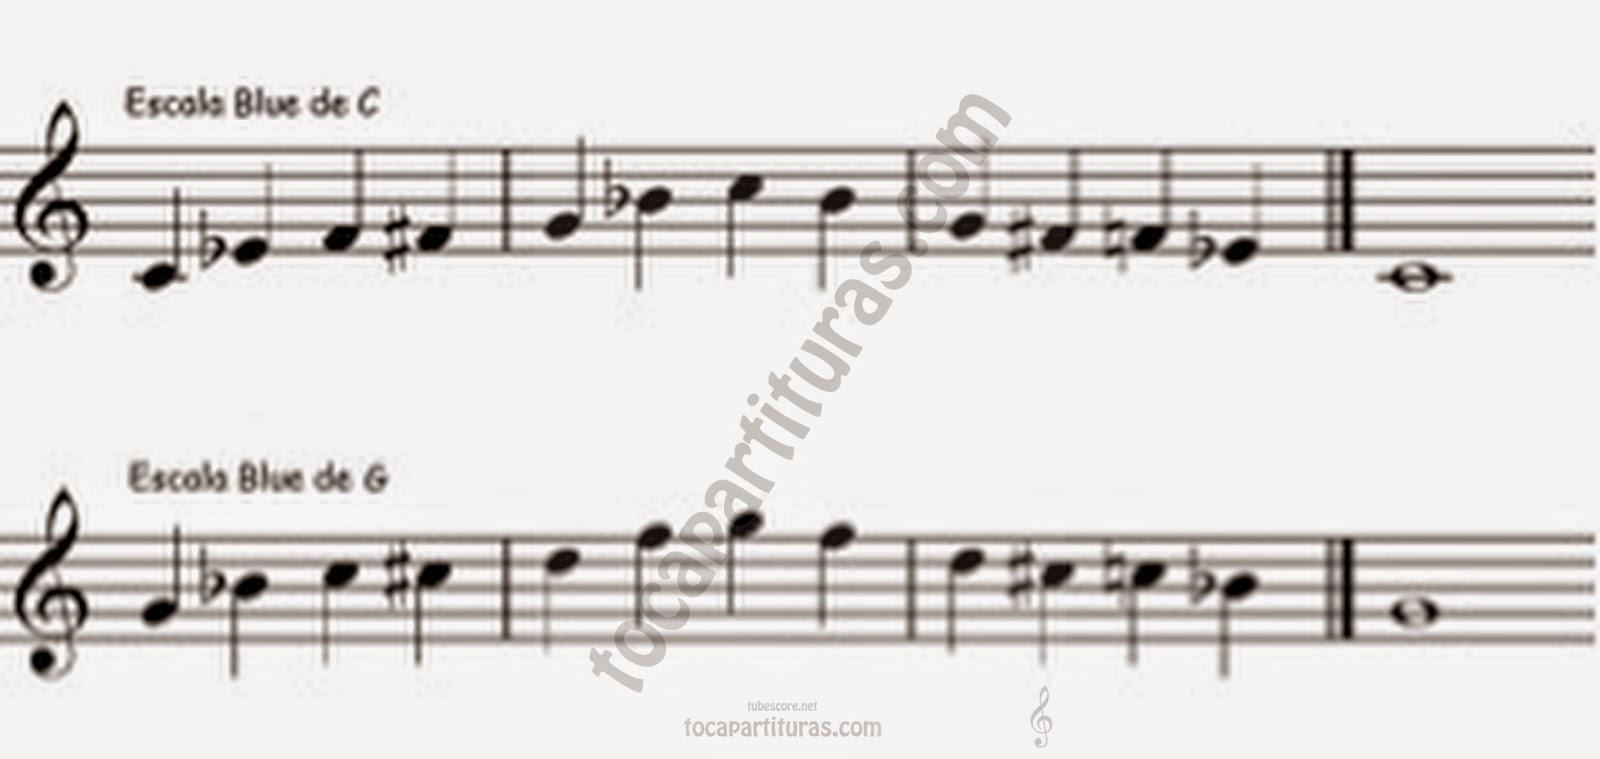 Escala Blues tocapartituras.com Do y Sol